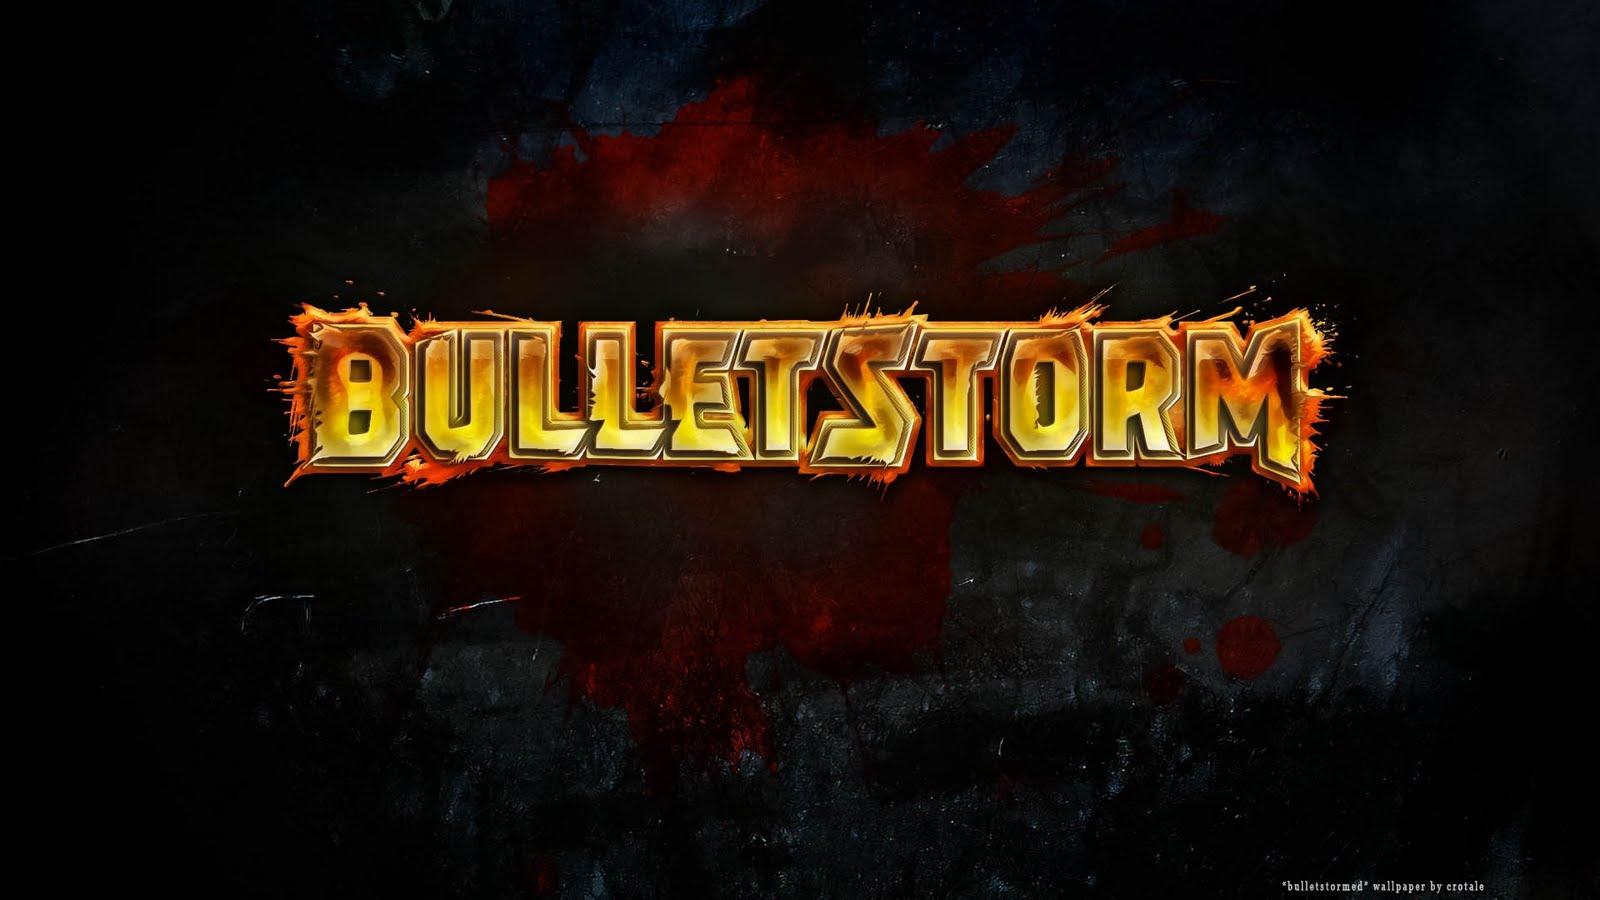 http://2.bp.blogspot.com/-lLotVF9is9g/TdBGmRuZTII/AAAAAAAABrI/sgVKIoU7M0s/s1600/bullet_storm.jpg